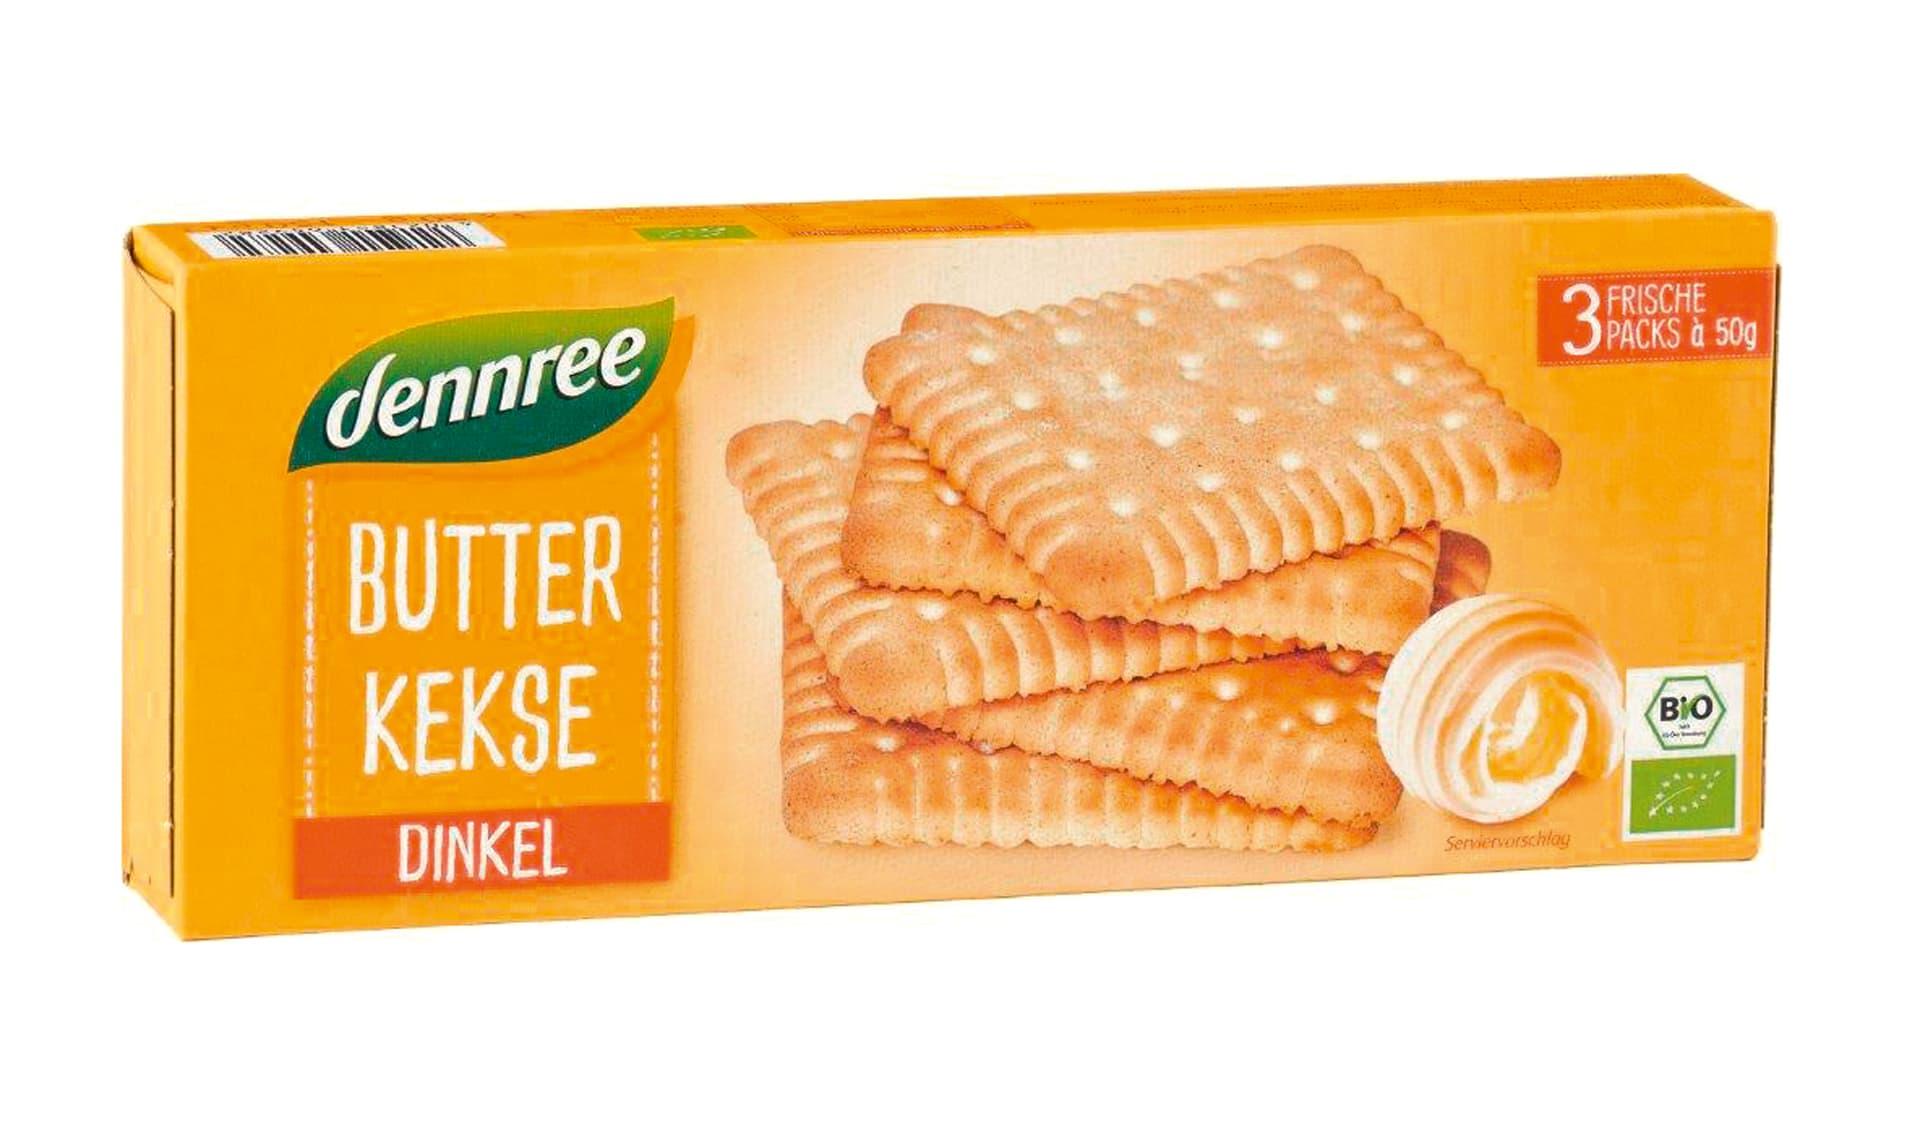 Dennree Butterkekse Dinkel (www.dennree.de)